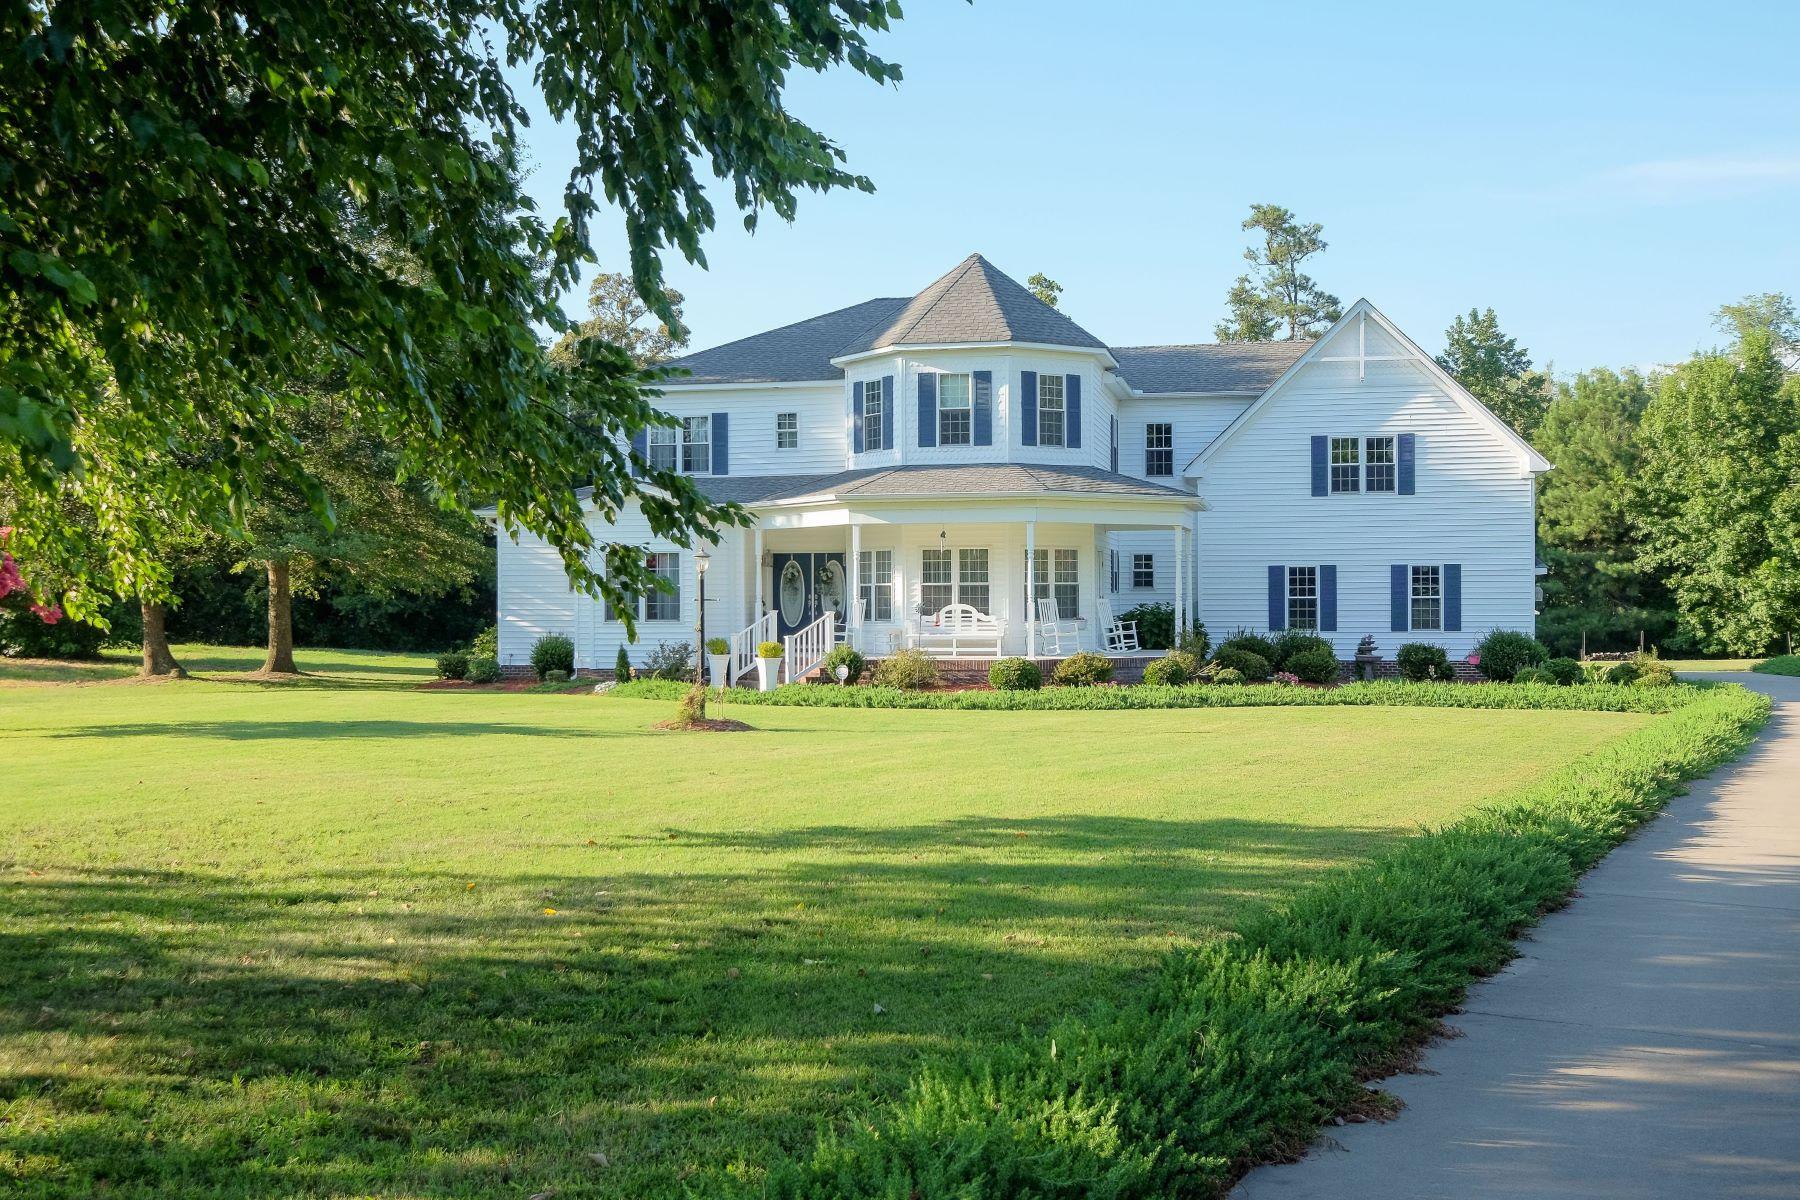 Casa Unifamiliar por un Venta en SPACIOUS HOME IN GATED COMMUNITY 137 Lake Wood Dr Edenton, Carolina Del Norte, 27932 Estados Unidos